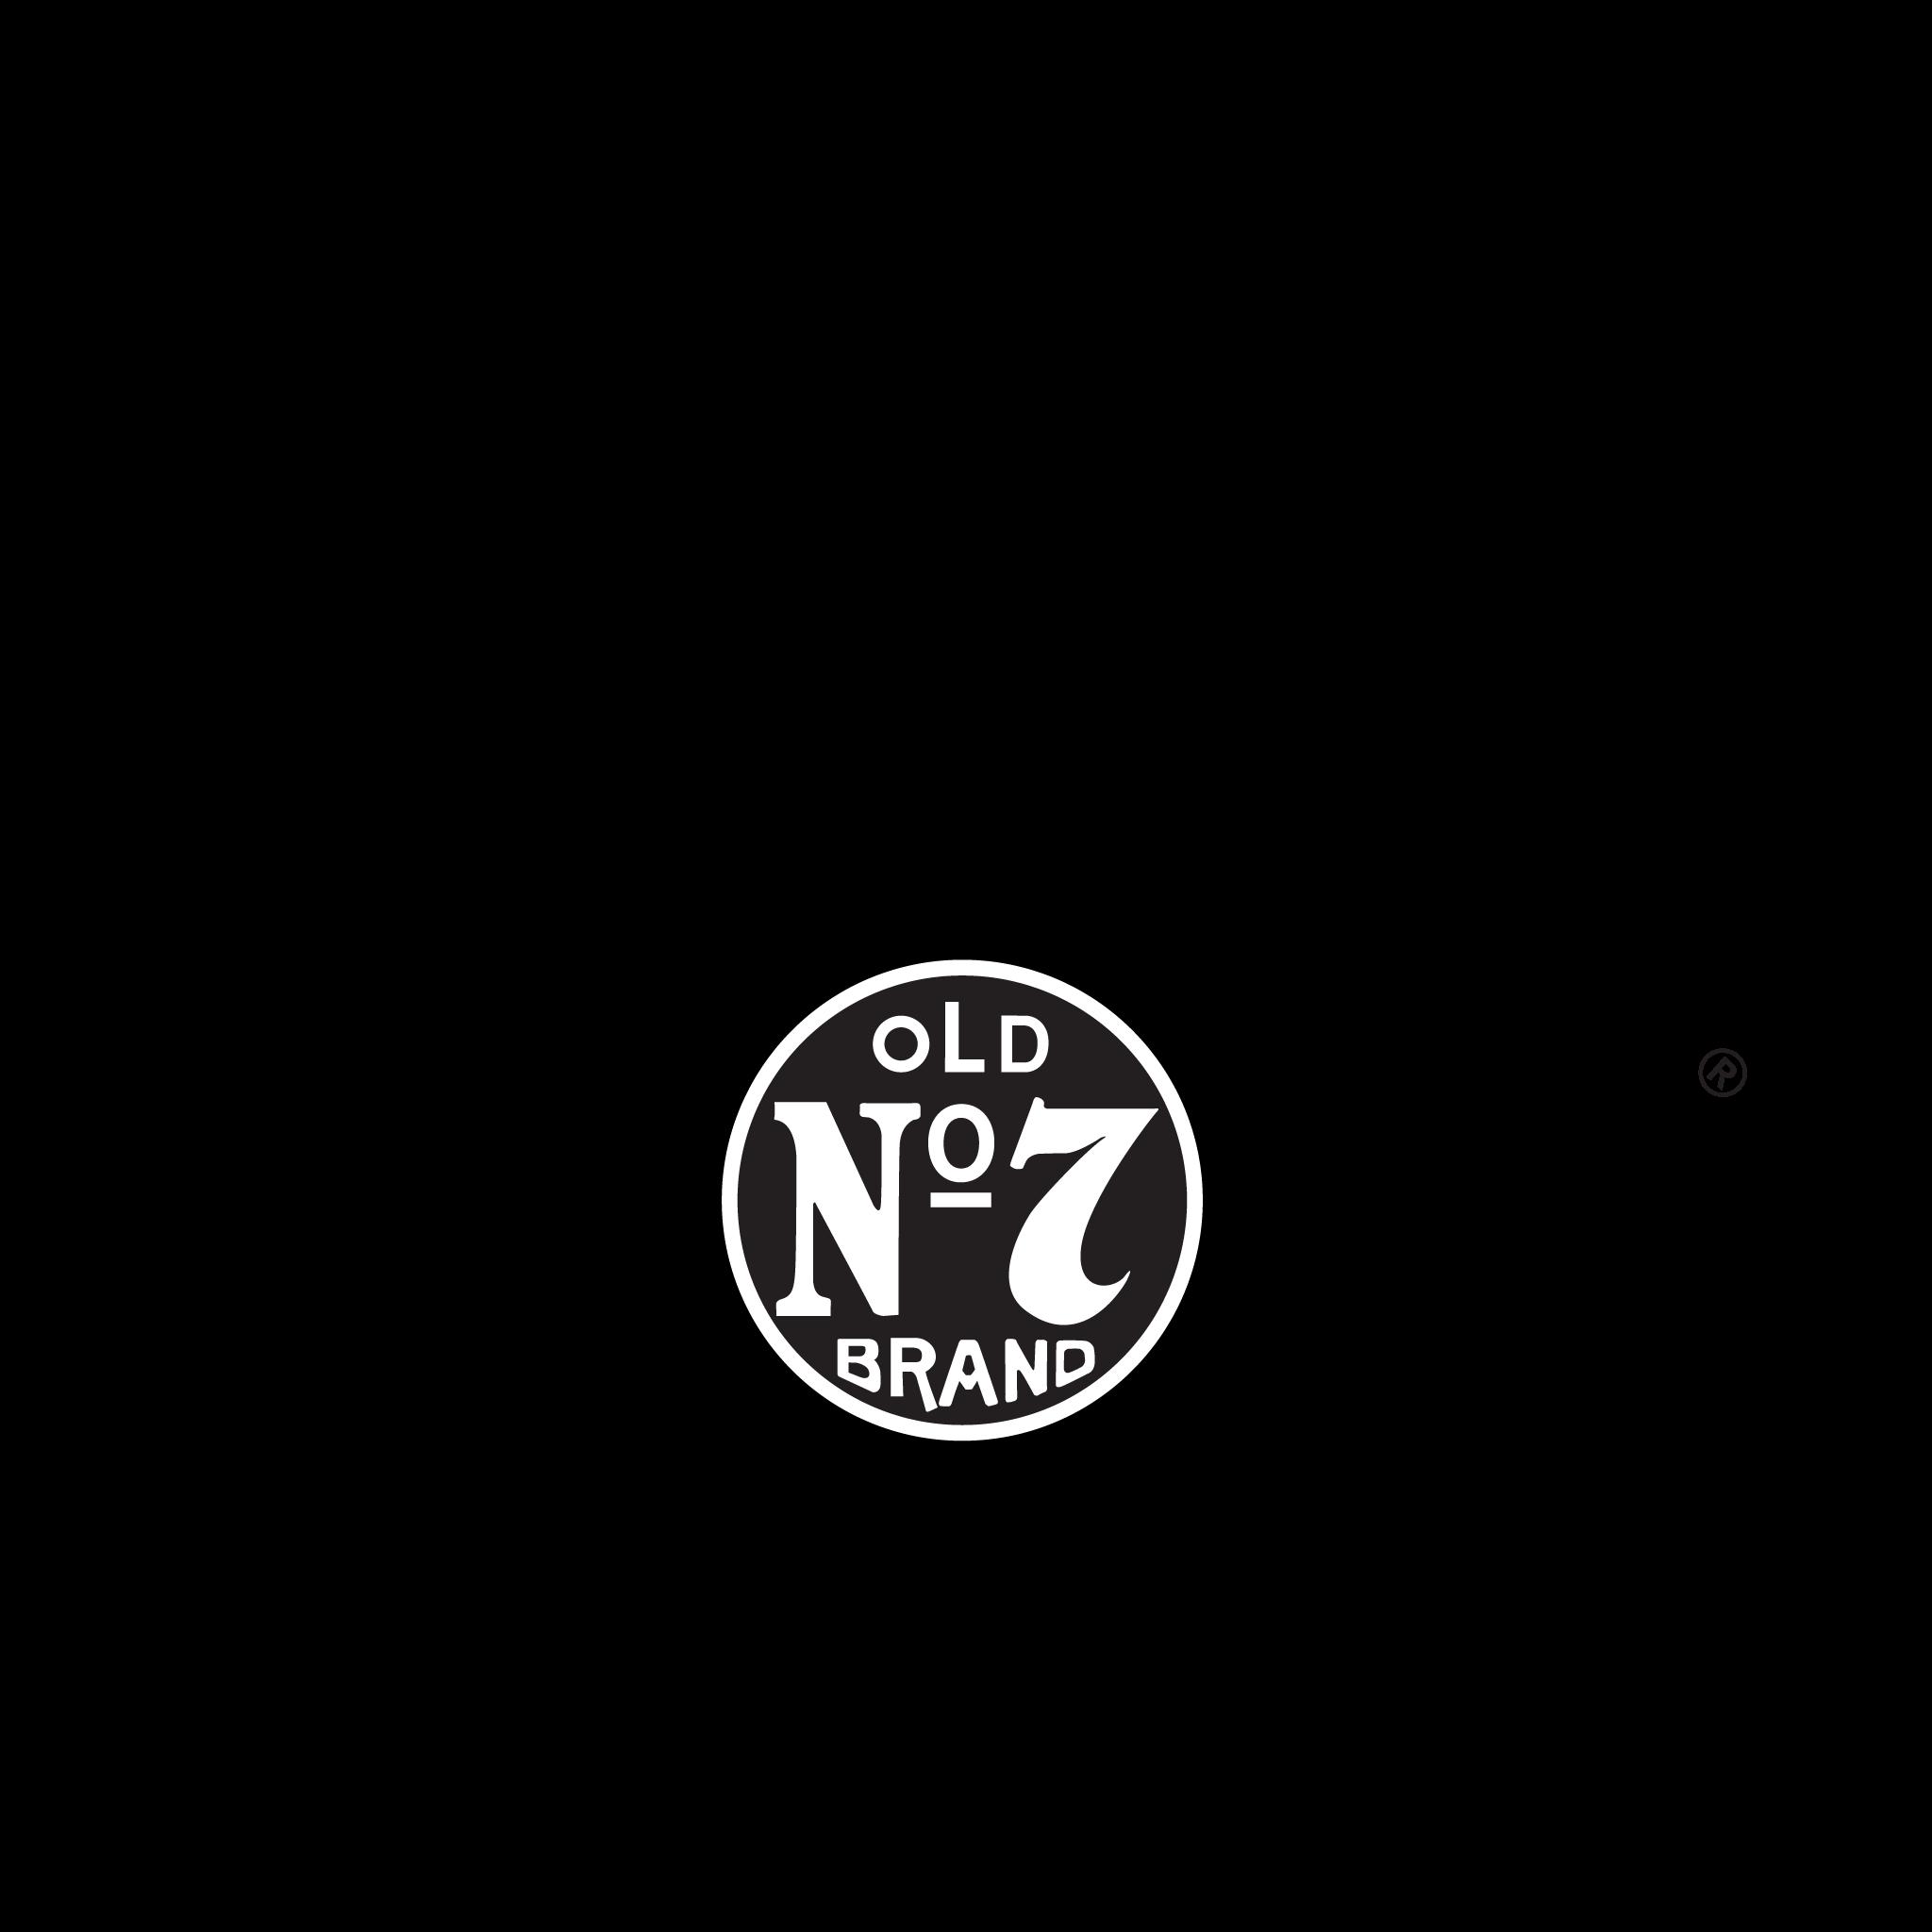 Logo Jack Daniel's - Logos PNG